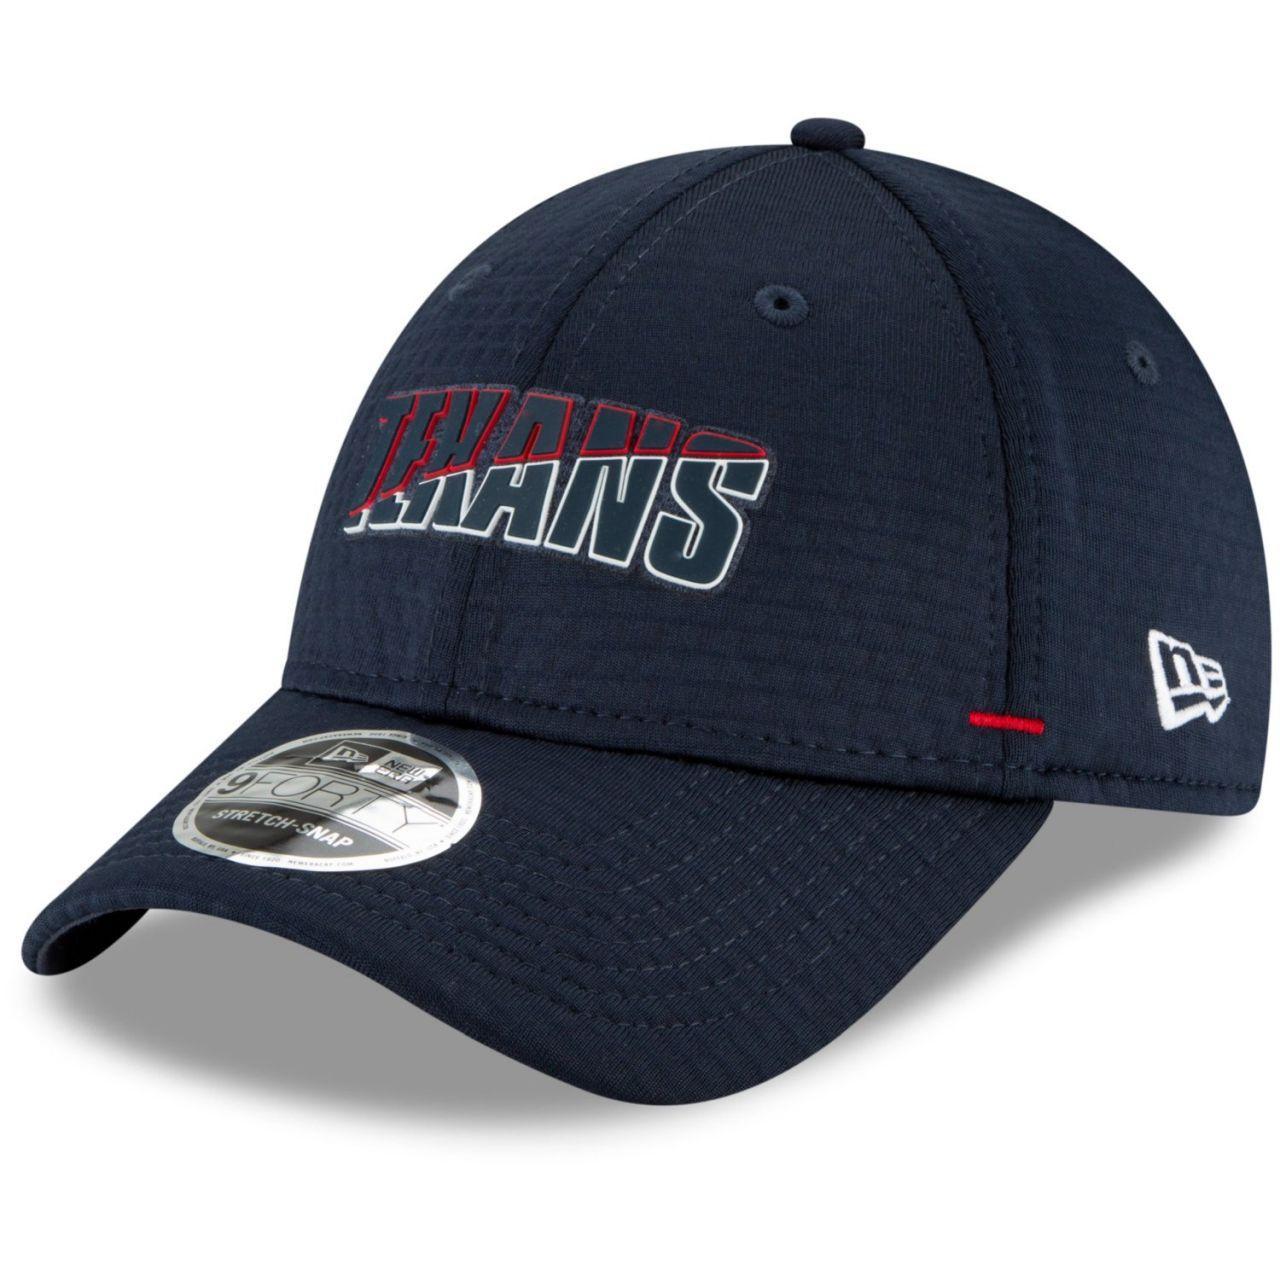 amfoo - New Era 9FORTY Stretch Snap Cap - NFL CAMP Houston Texans